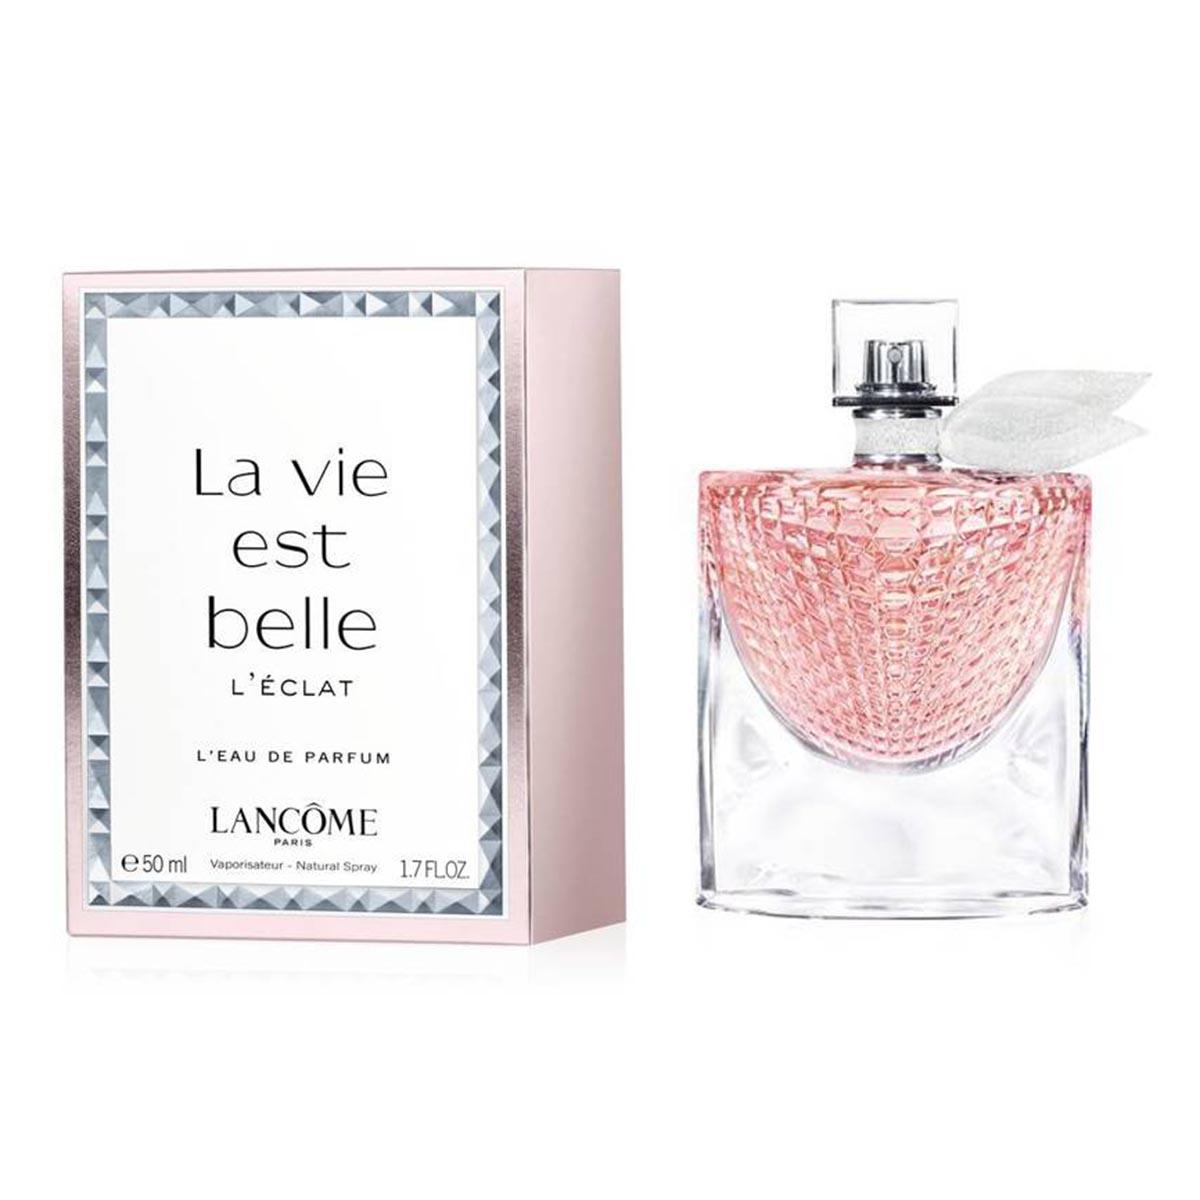 Lancome la vie est belle l eclat l eau de parfum 50ml vaporizador